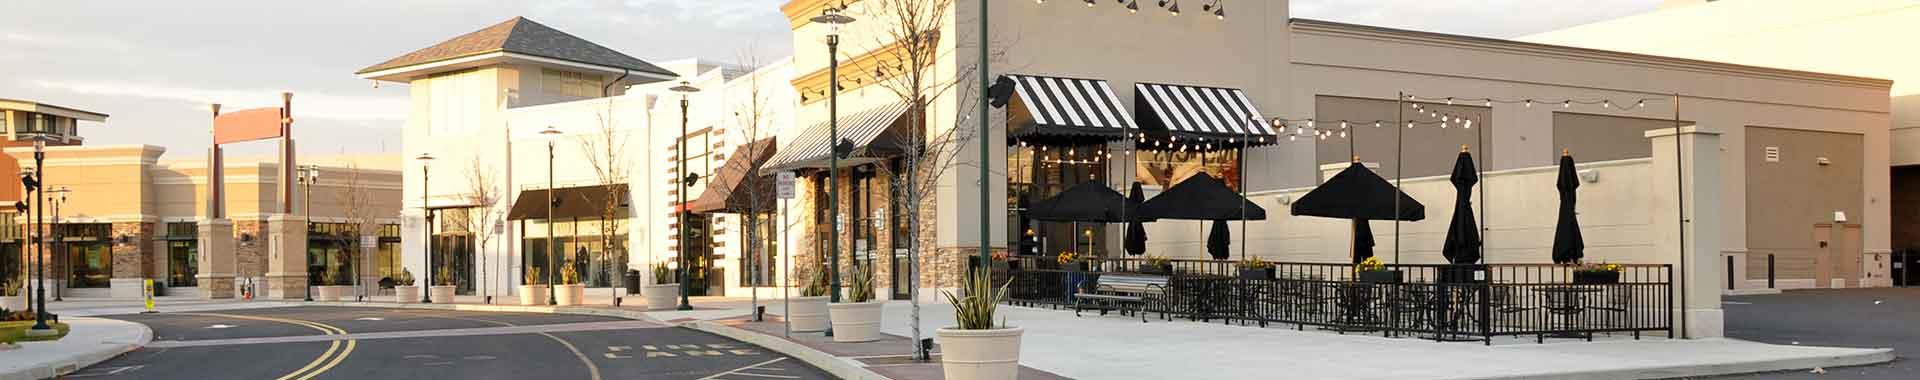 Commercial Management Services | Houston